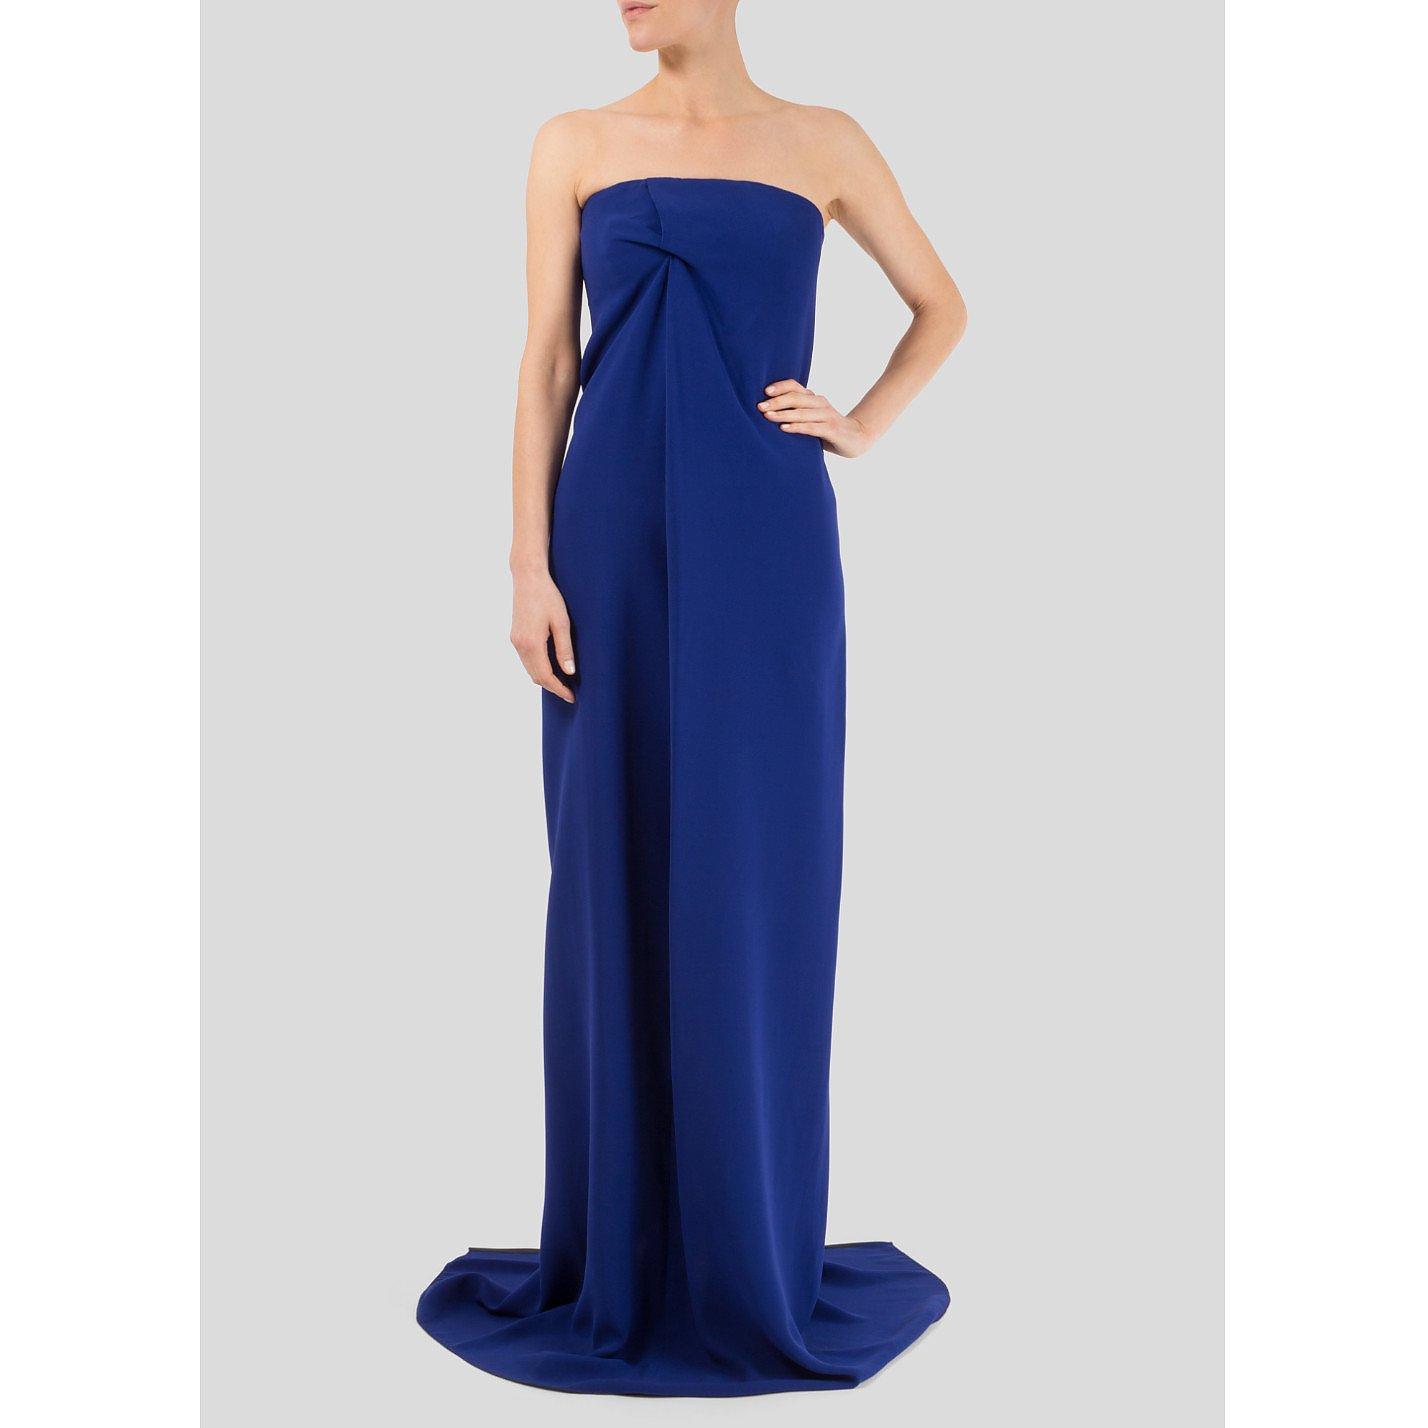 Victoria Beckham Strapless Gown